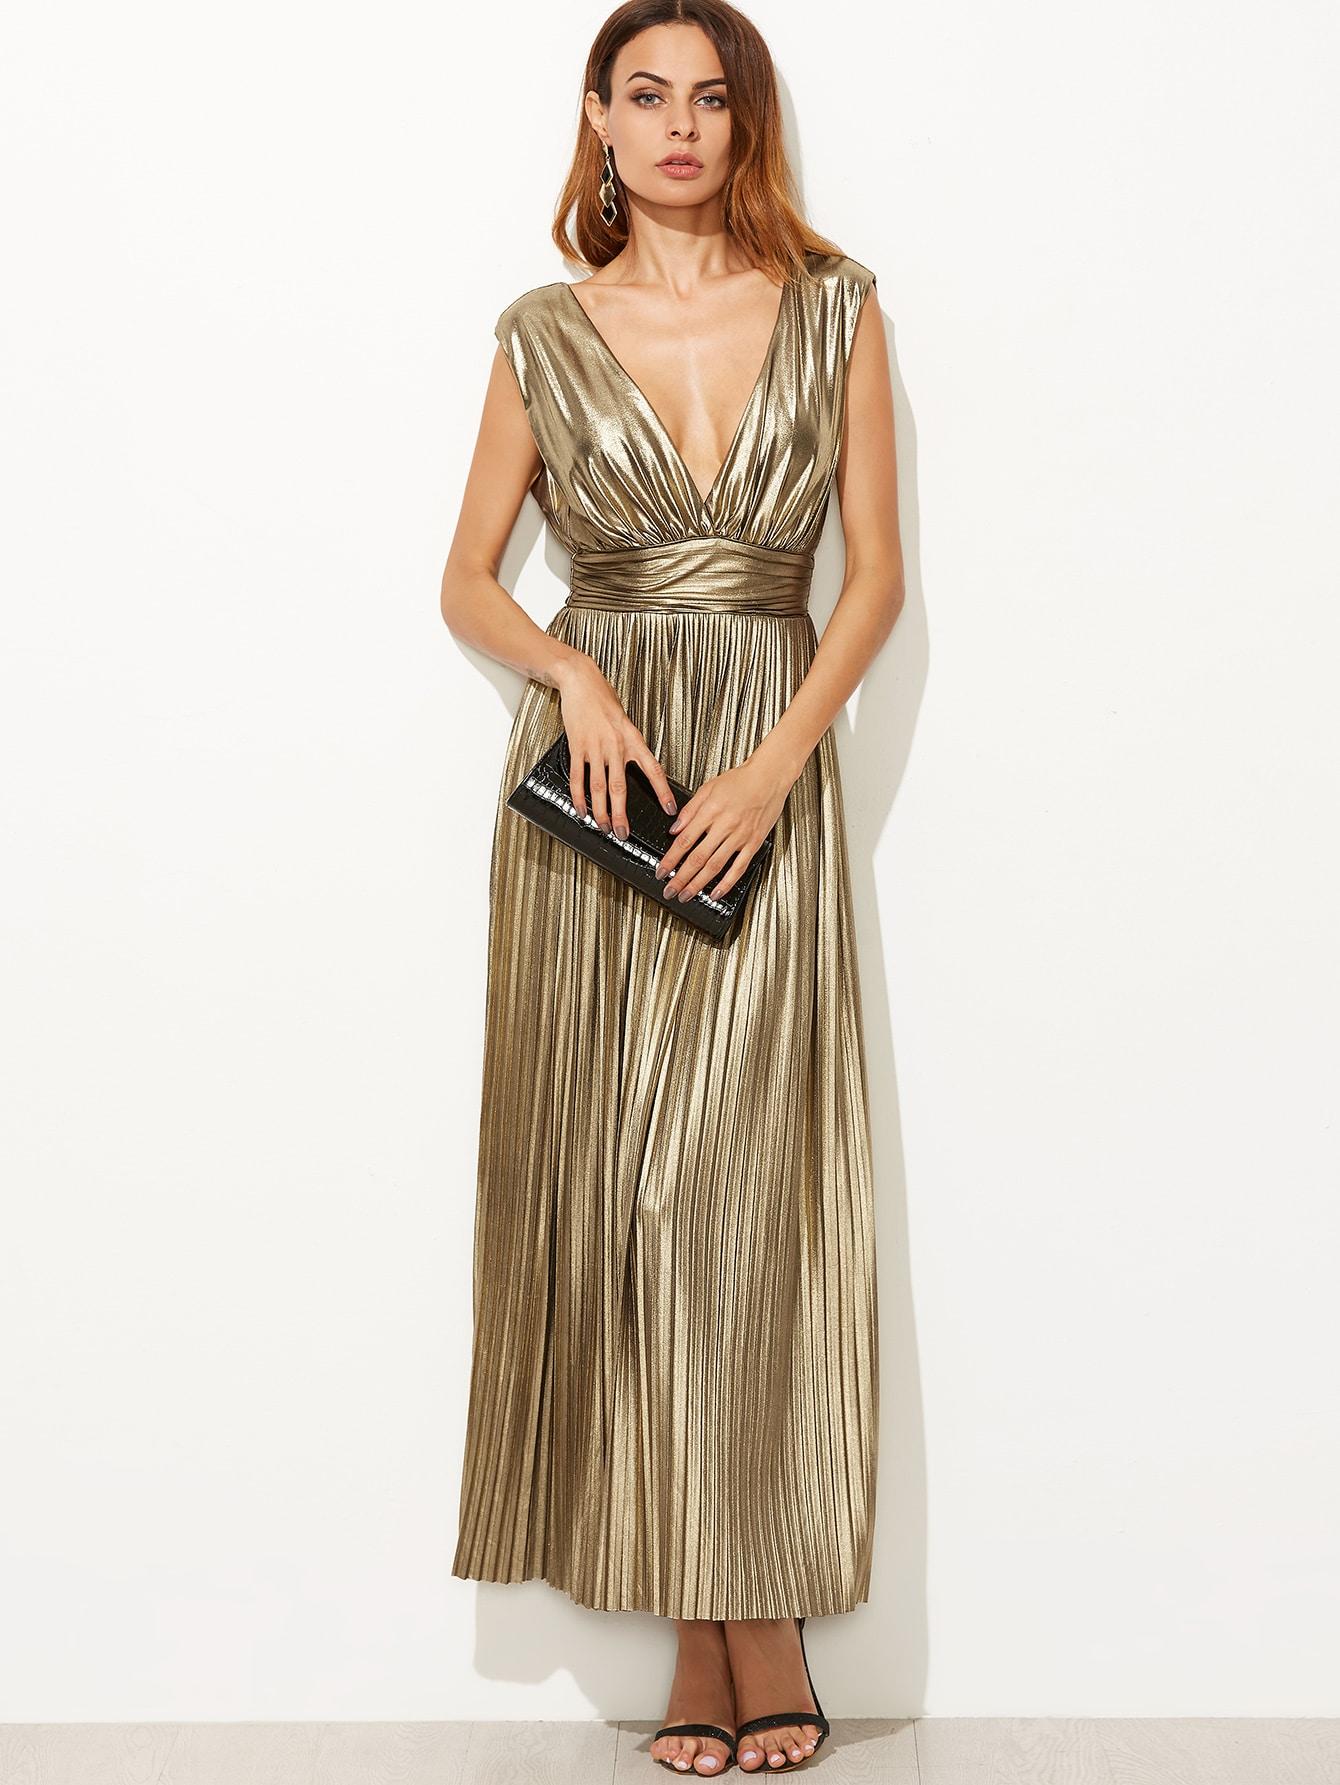 Metallic Gold Plunge Neck High Waist Pleated Dress EmmaCloth-Women ...